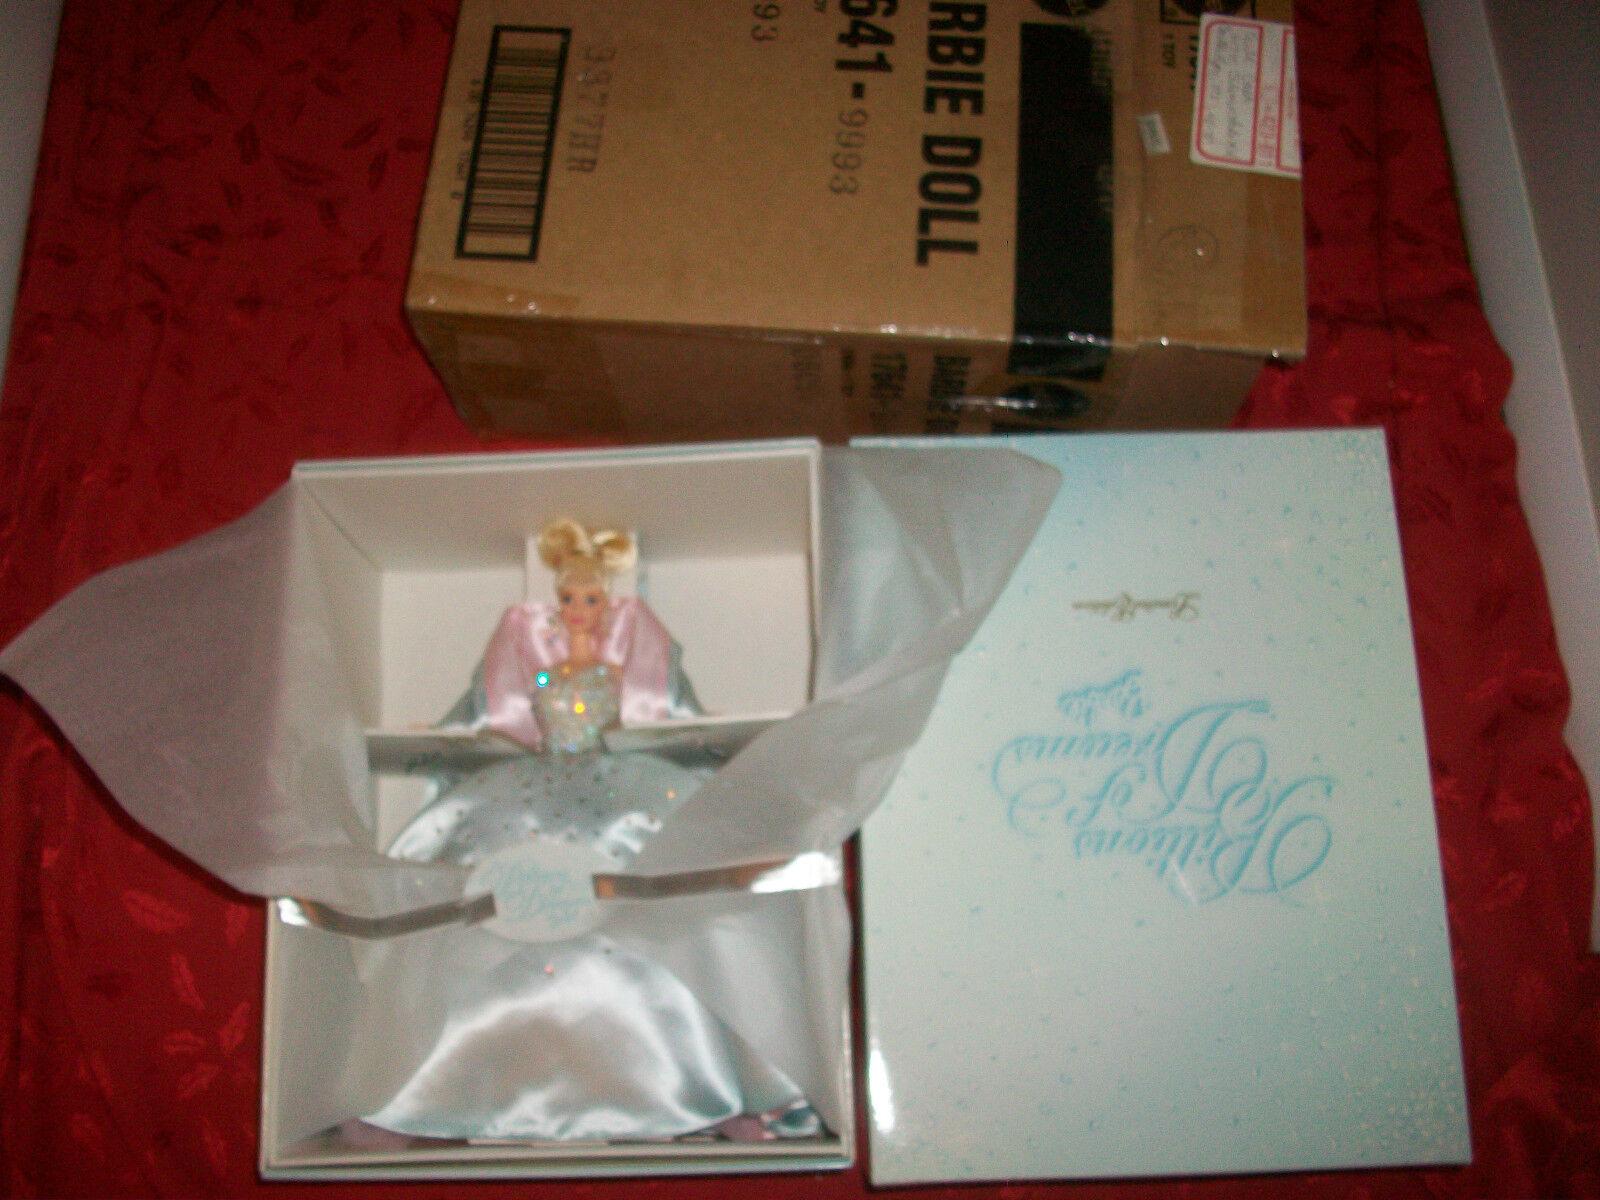 Miles de millones de sueños Barbie 1995 Edición Limitada Con Cargador